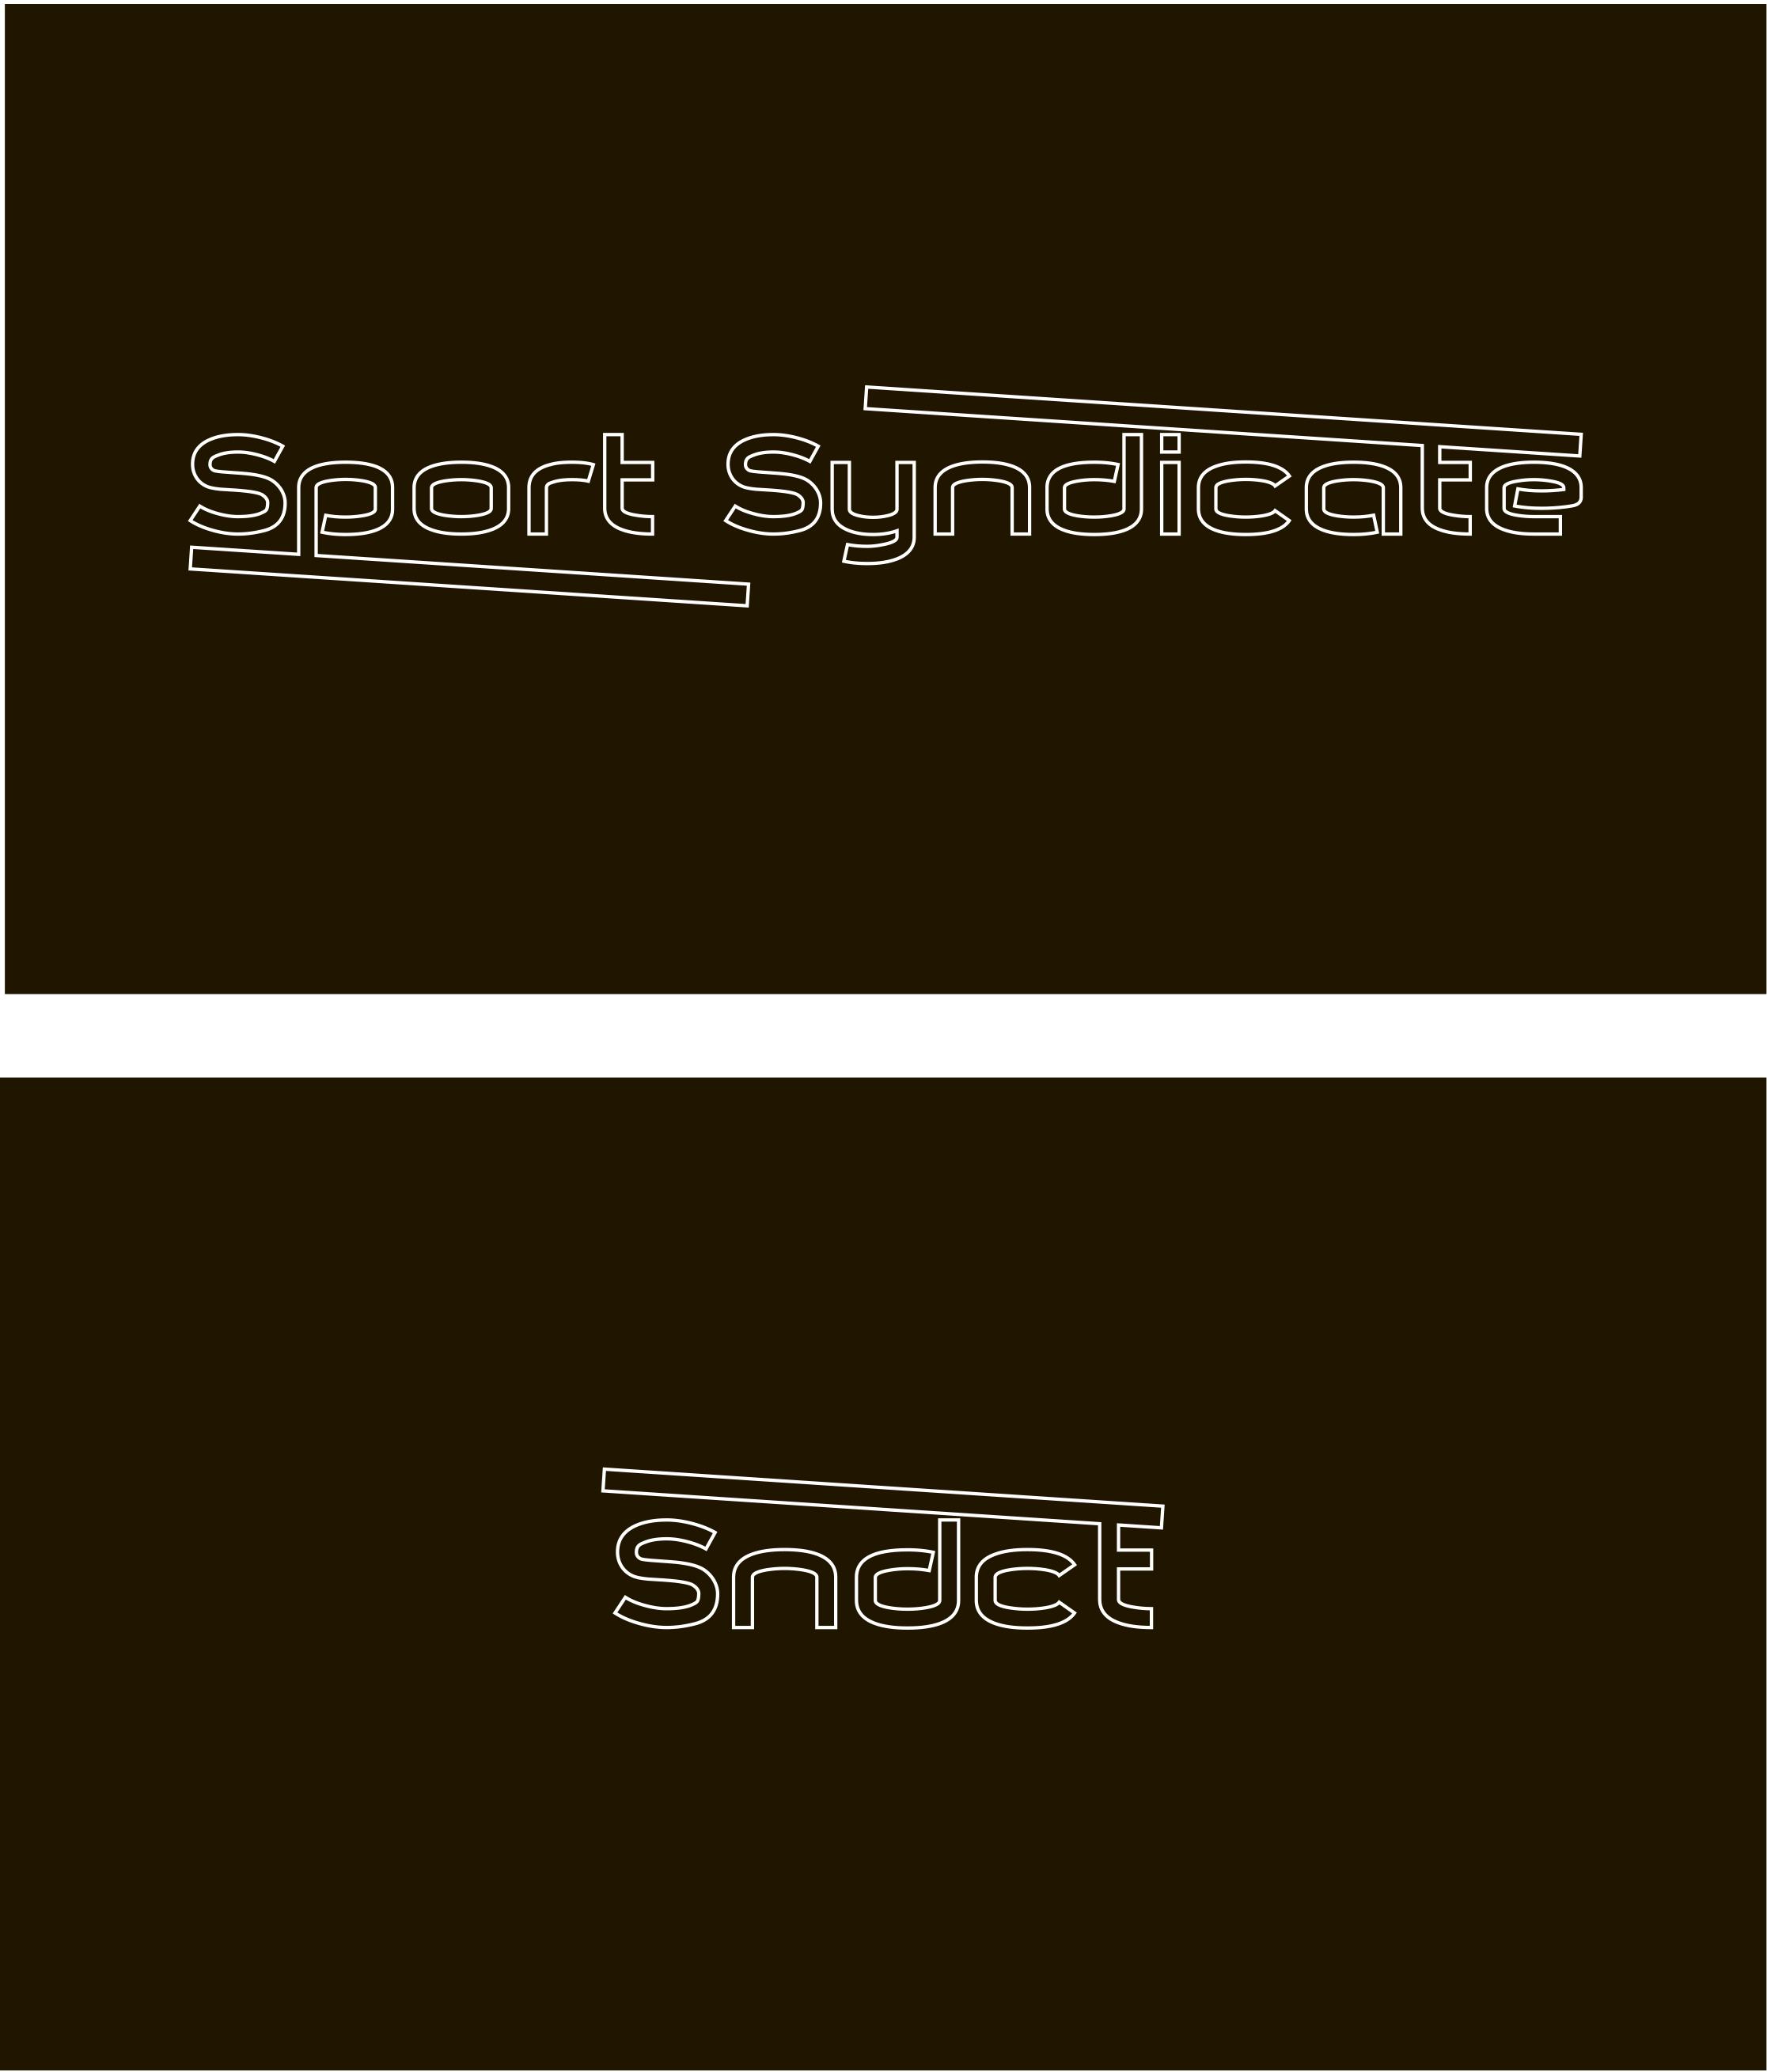 Создать логотип для сети магазинов спортивного питания фото f_05959707f91b853c.png